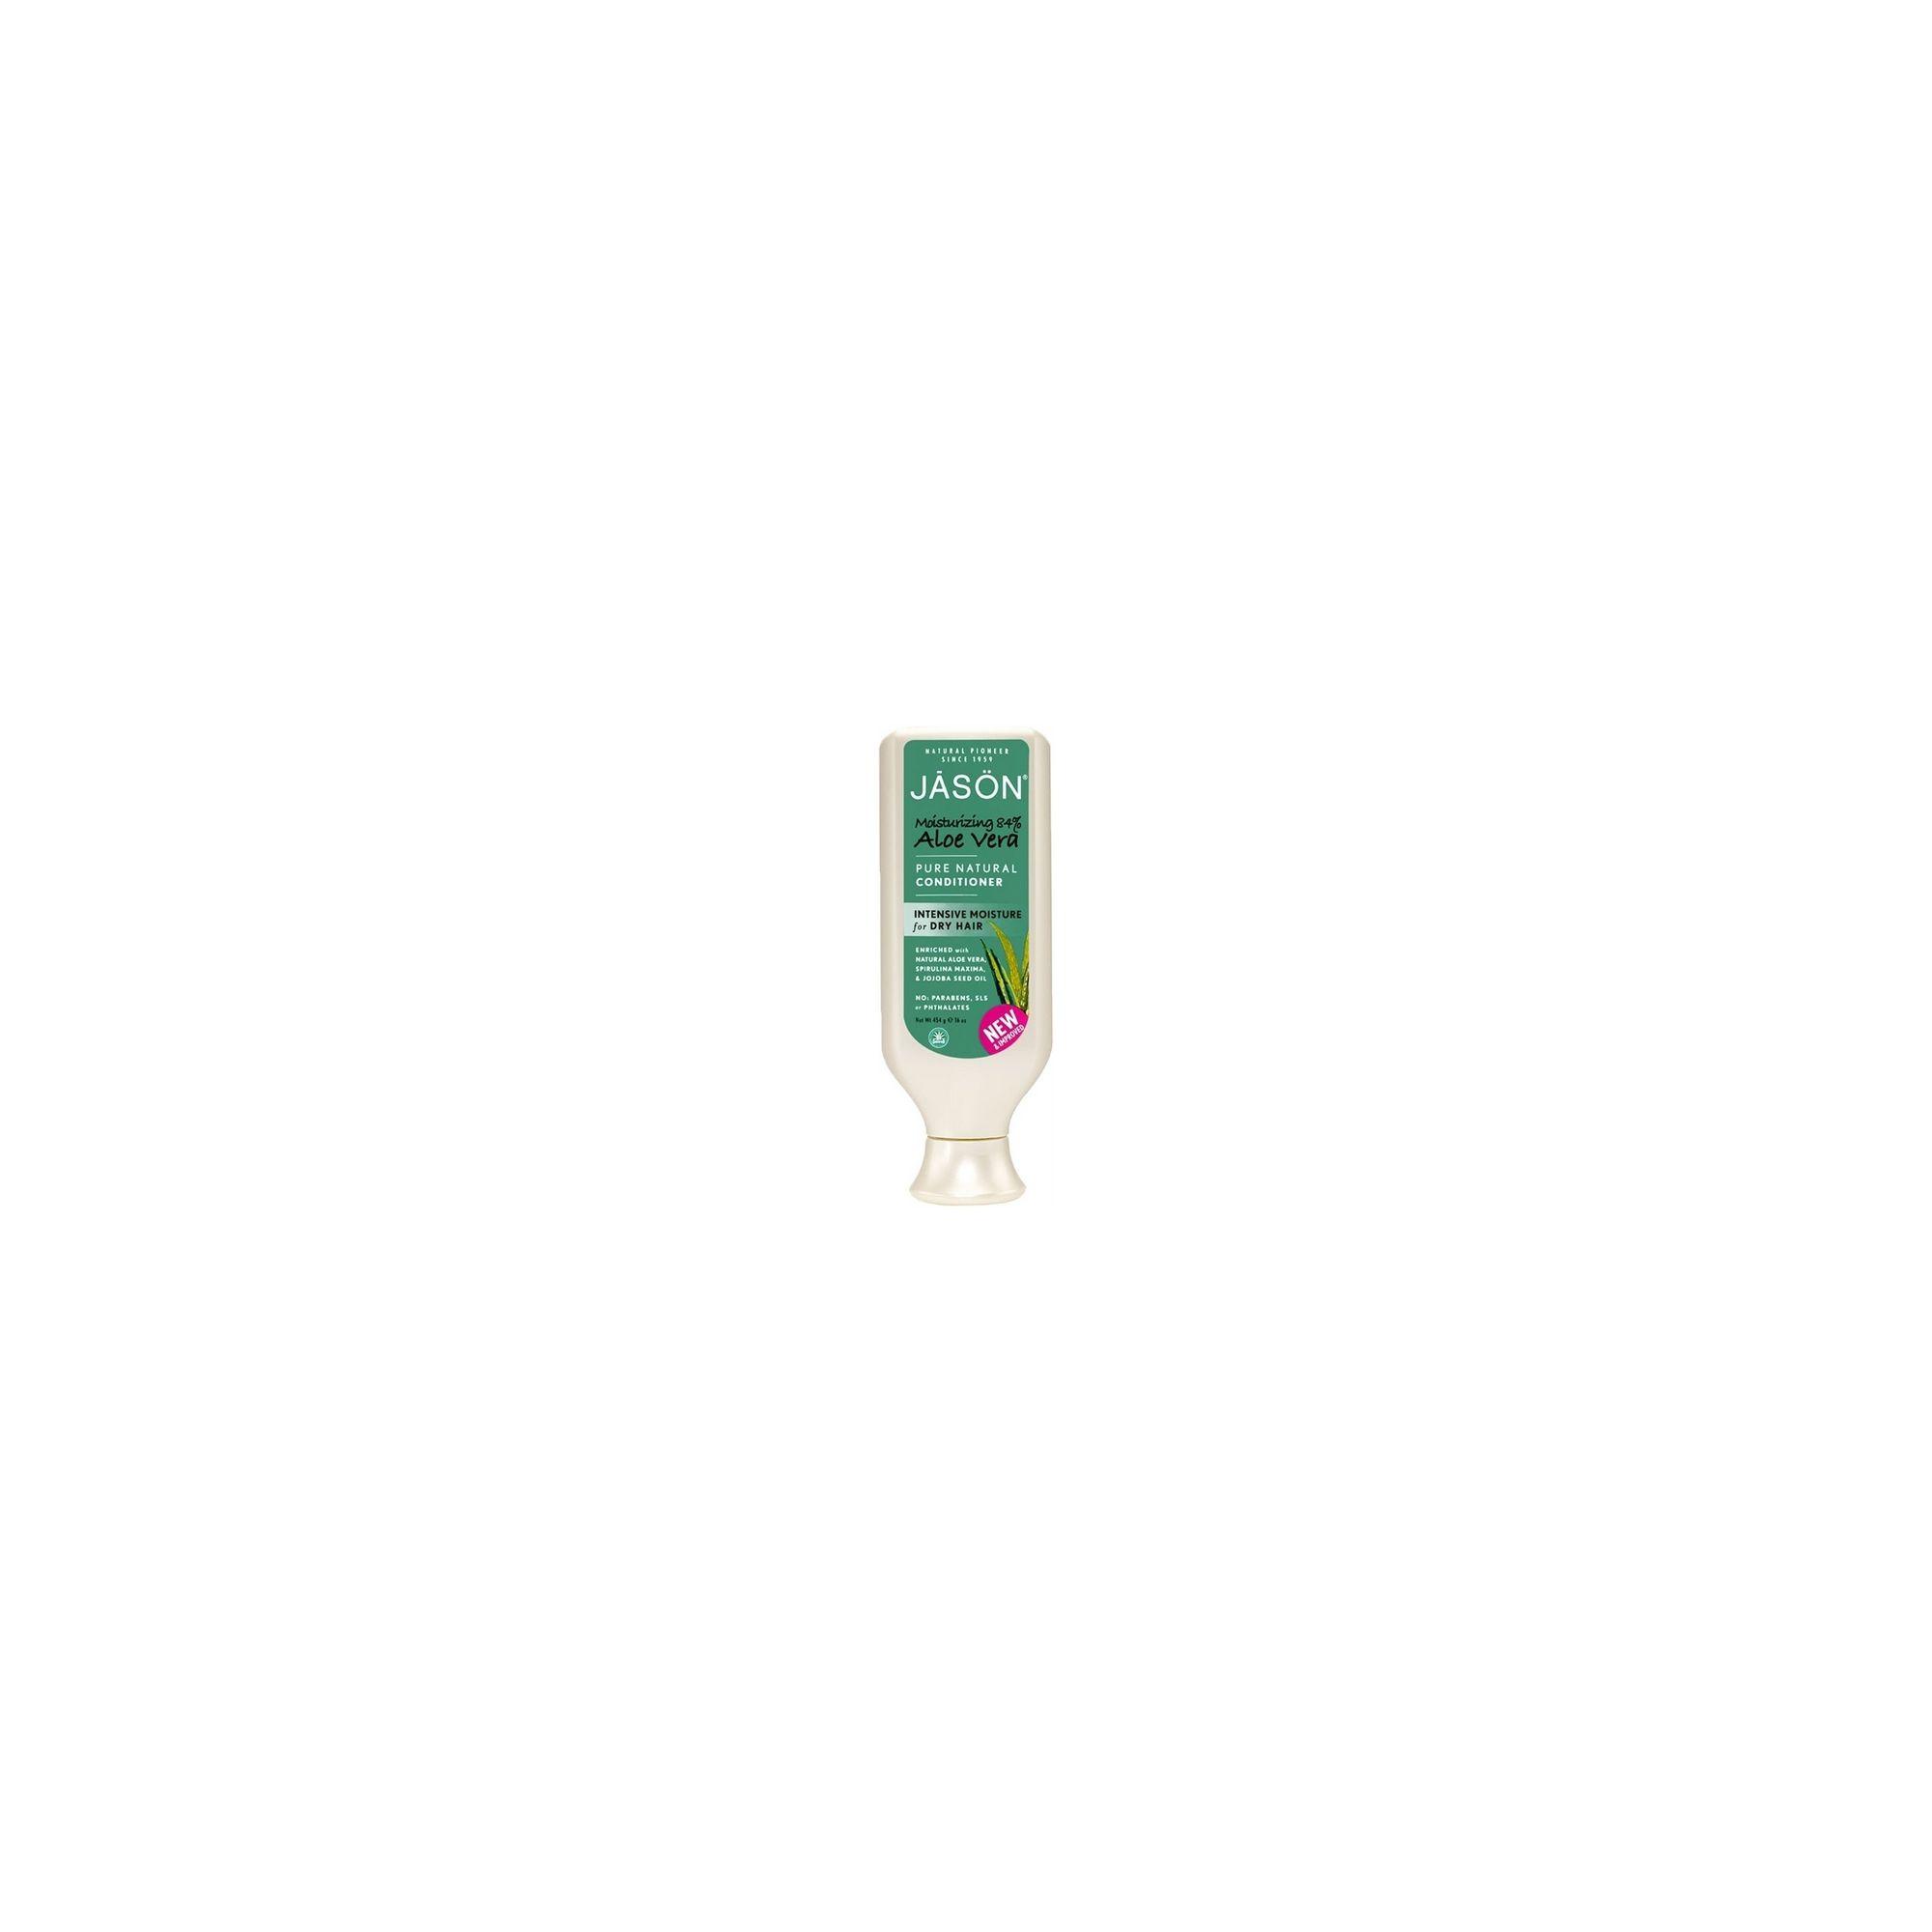 Aloe Vera 84% Conditioner Organic